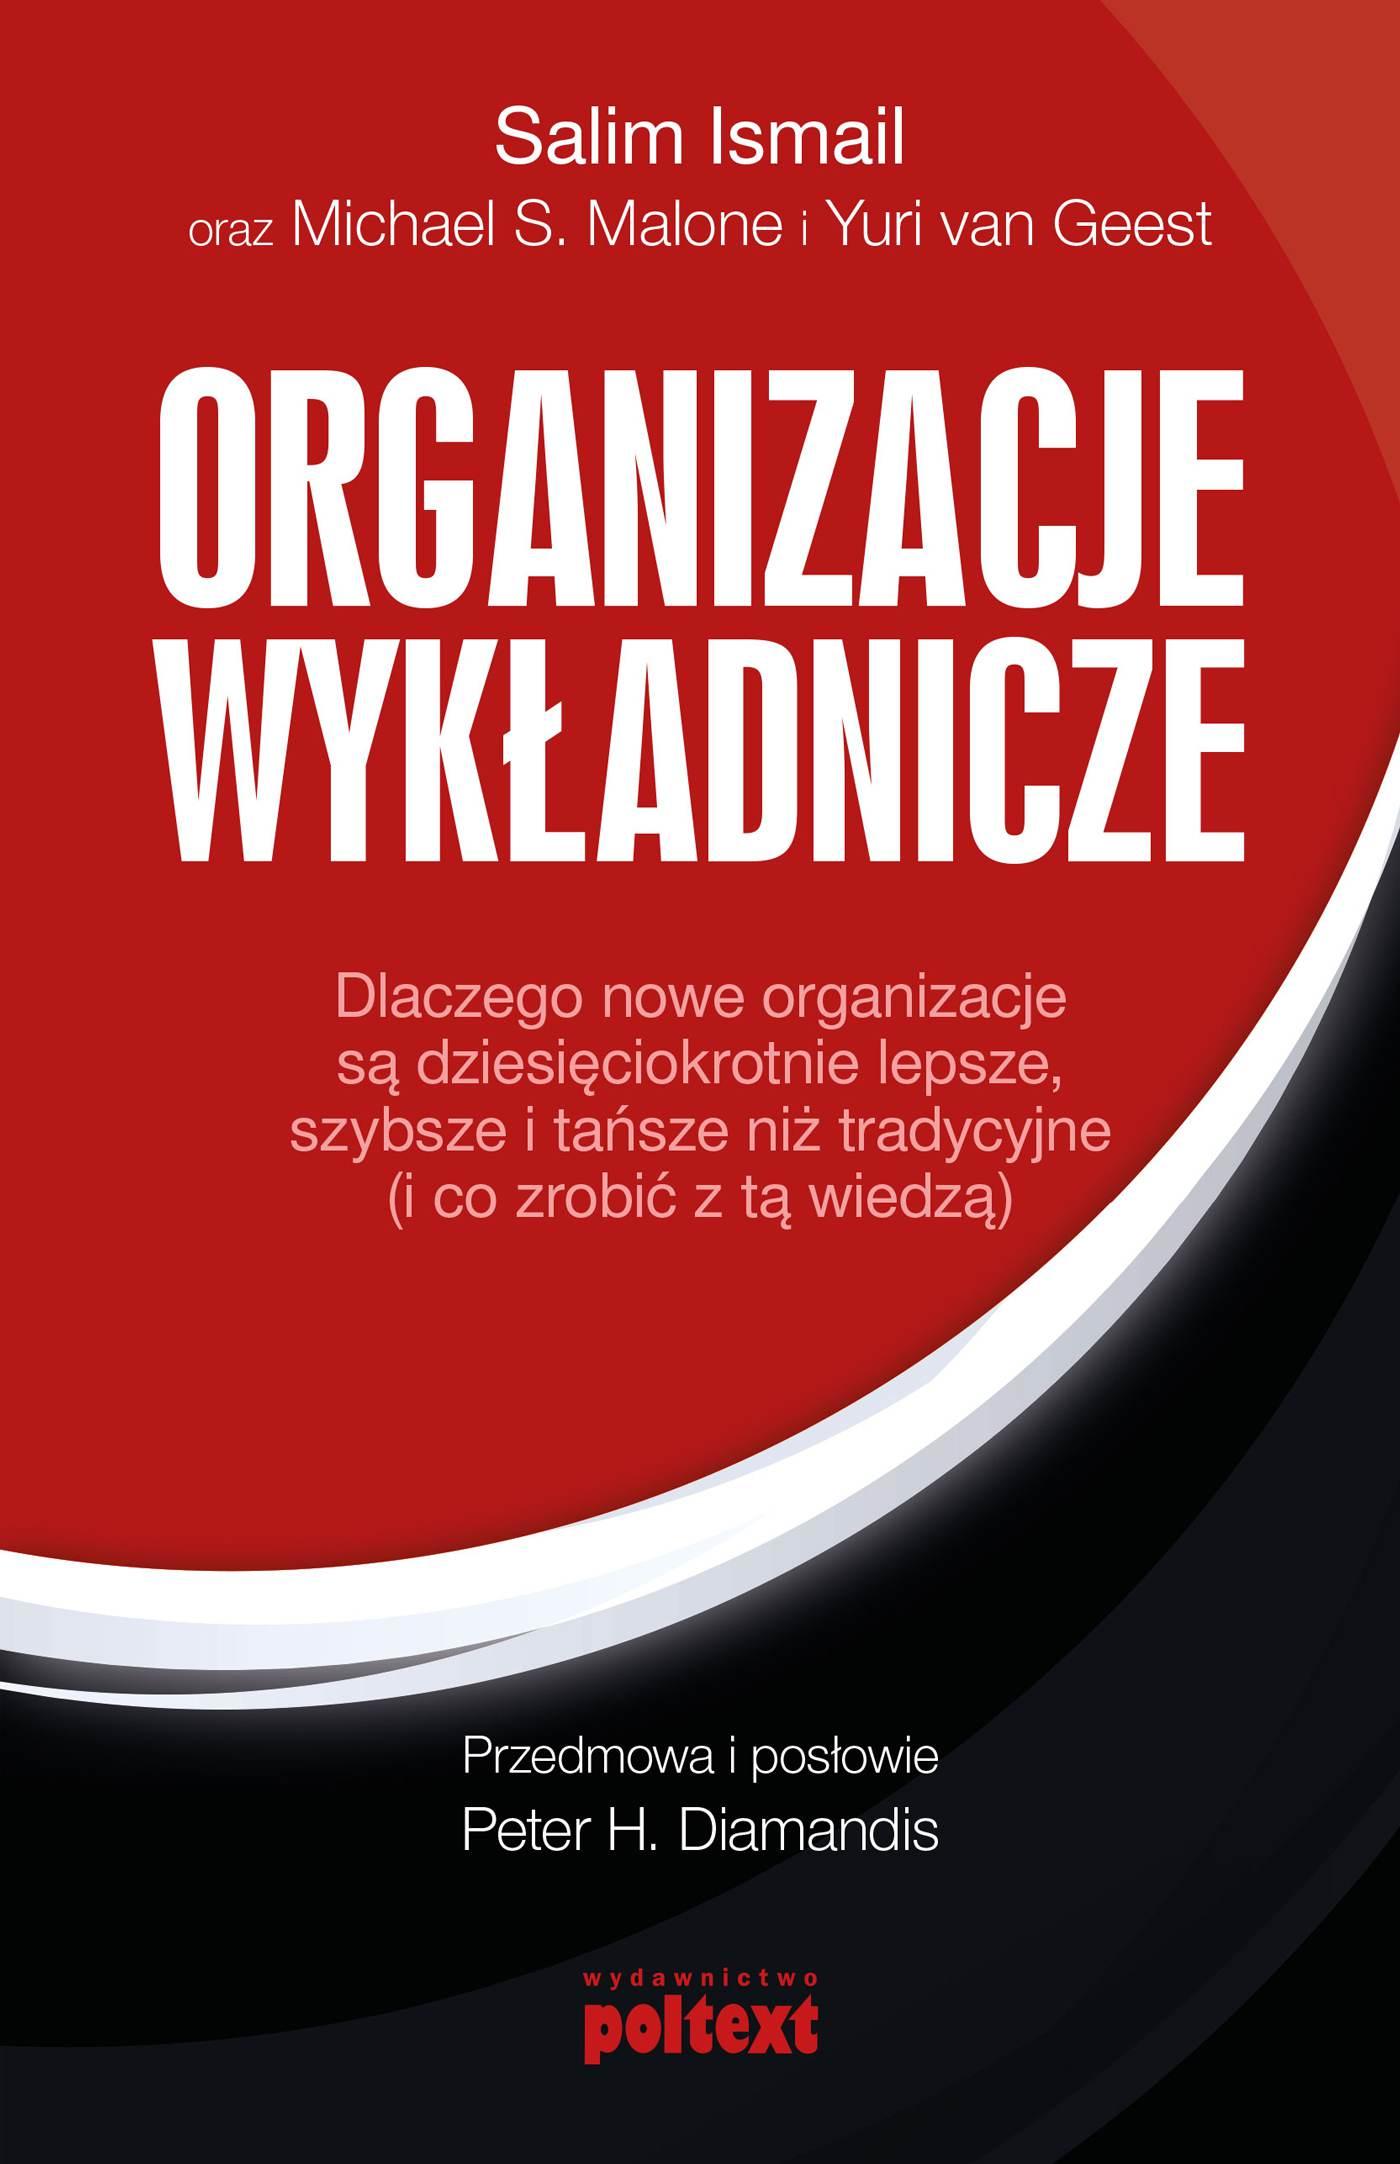 Organizacje wykładnicze - Ebook (Książka EPUB) do pobrania w formacie EPUB